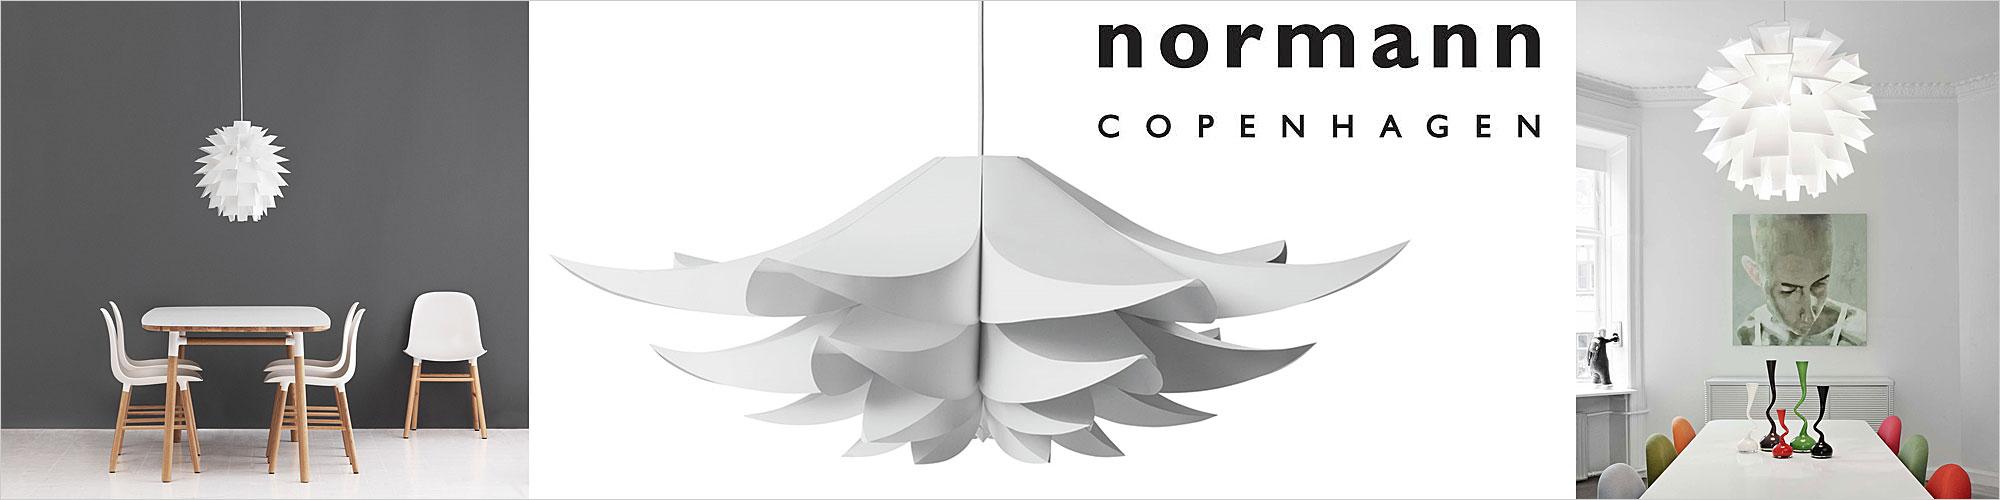 Nordicliving.nl: heel veel cool Scandinavisch design in 1 shop banner 1